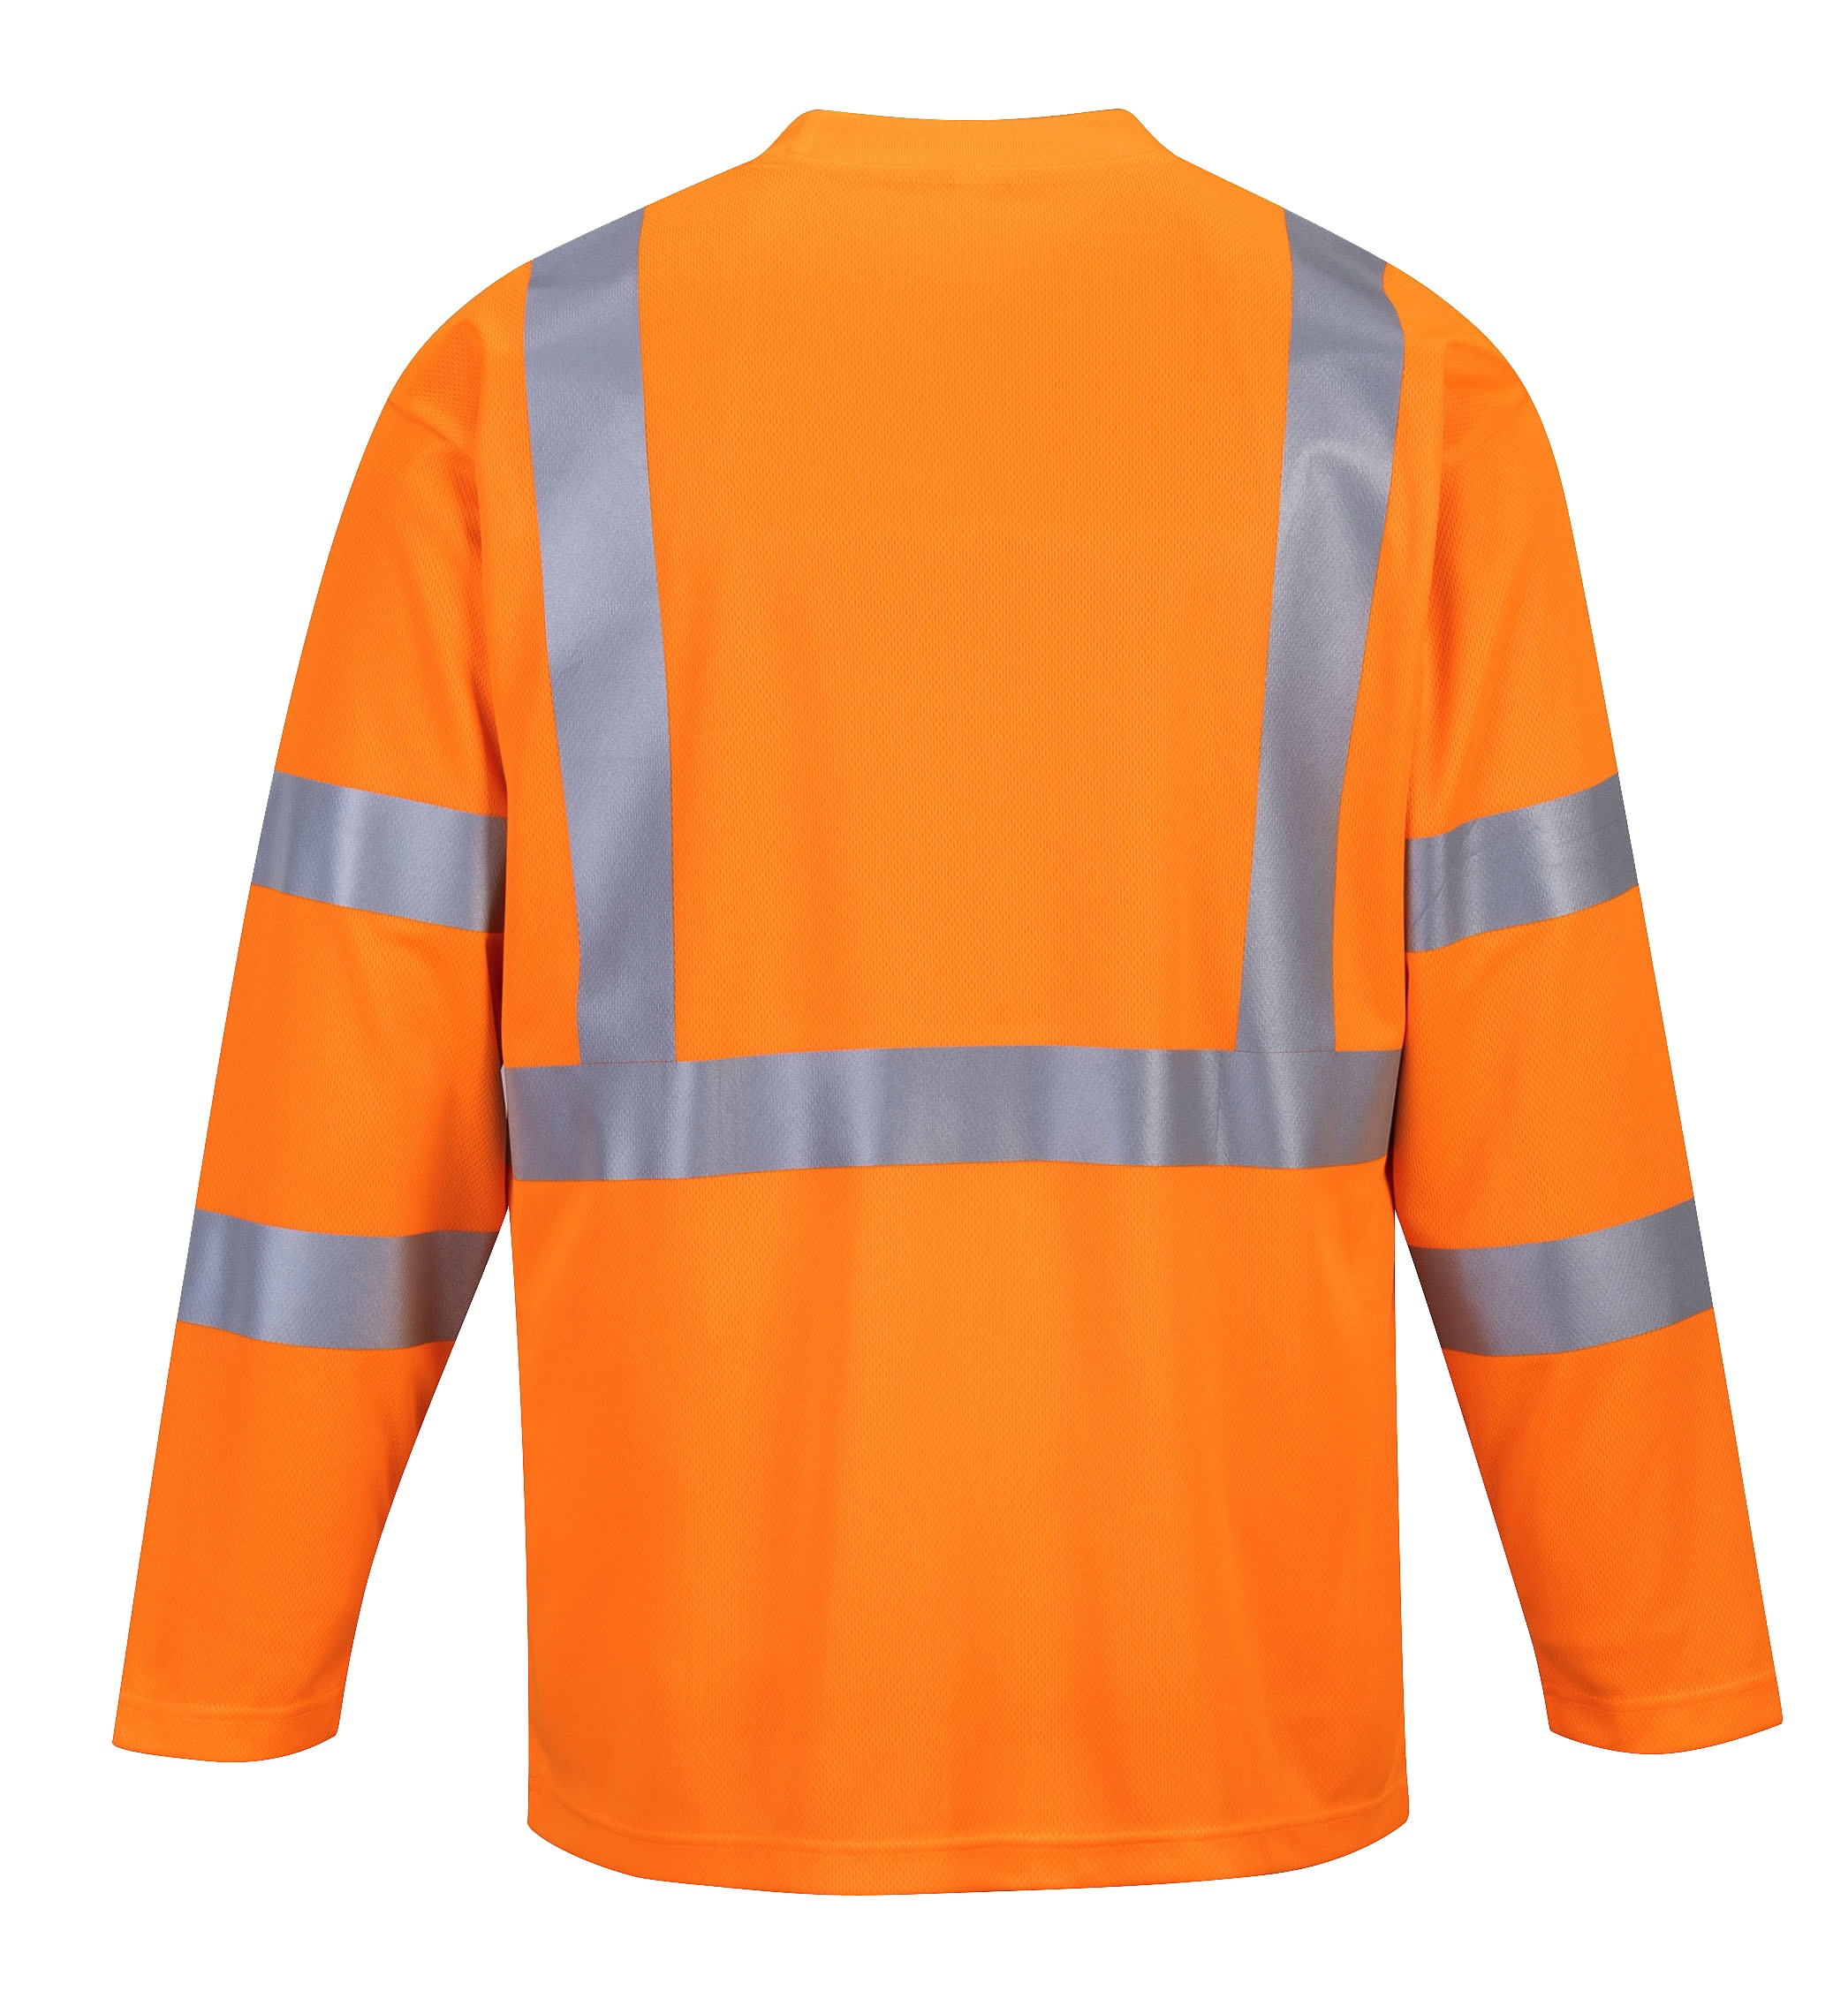 51afb2599 S191 (Orange) Hi-Vis Long Sleeve Pocket T-Shirt